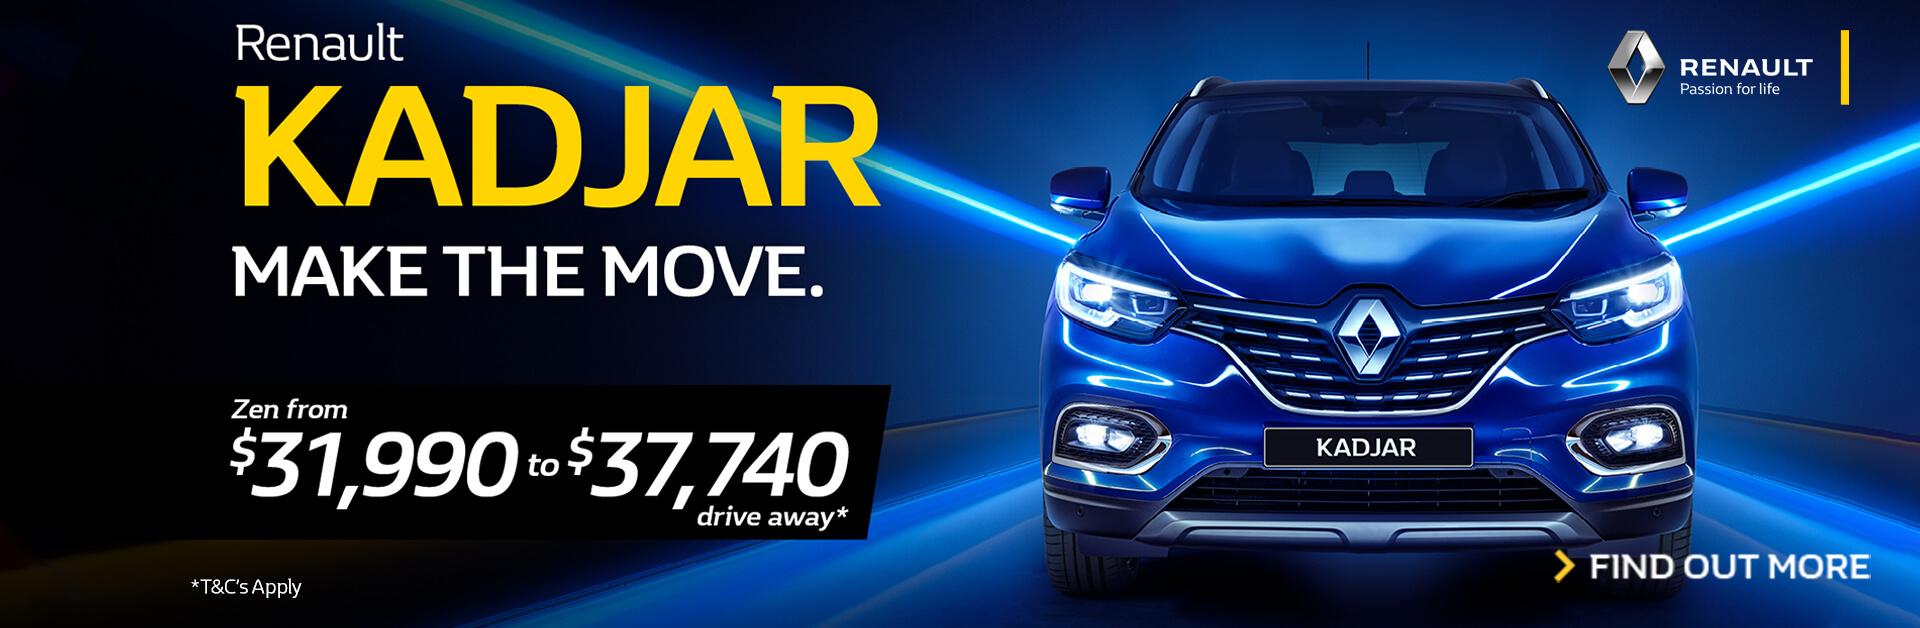 Renault Kadjar - Make the Move